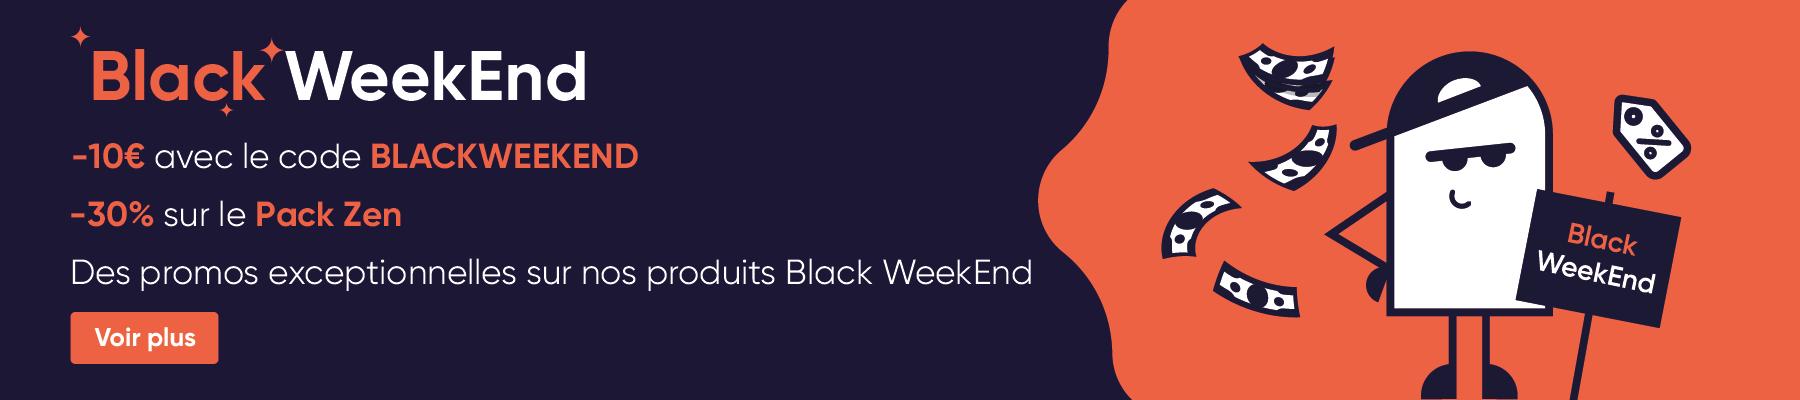 Black Weekend : -10€ avec le code BLACKWEEKEND et des promos exceptionnelles